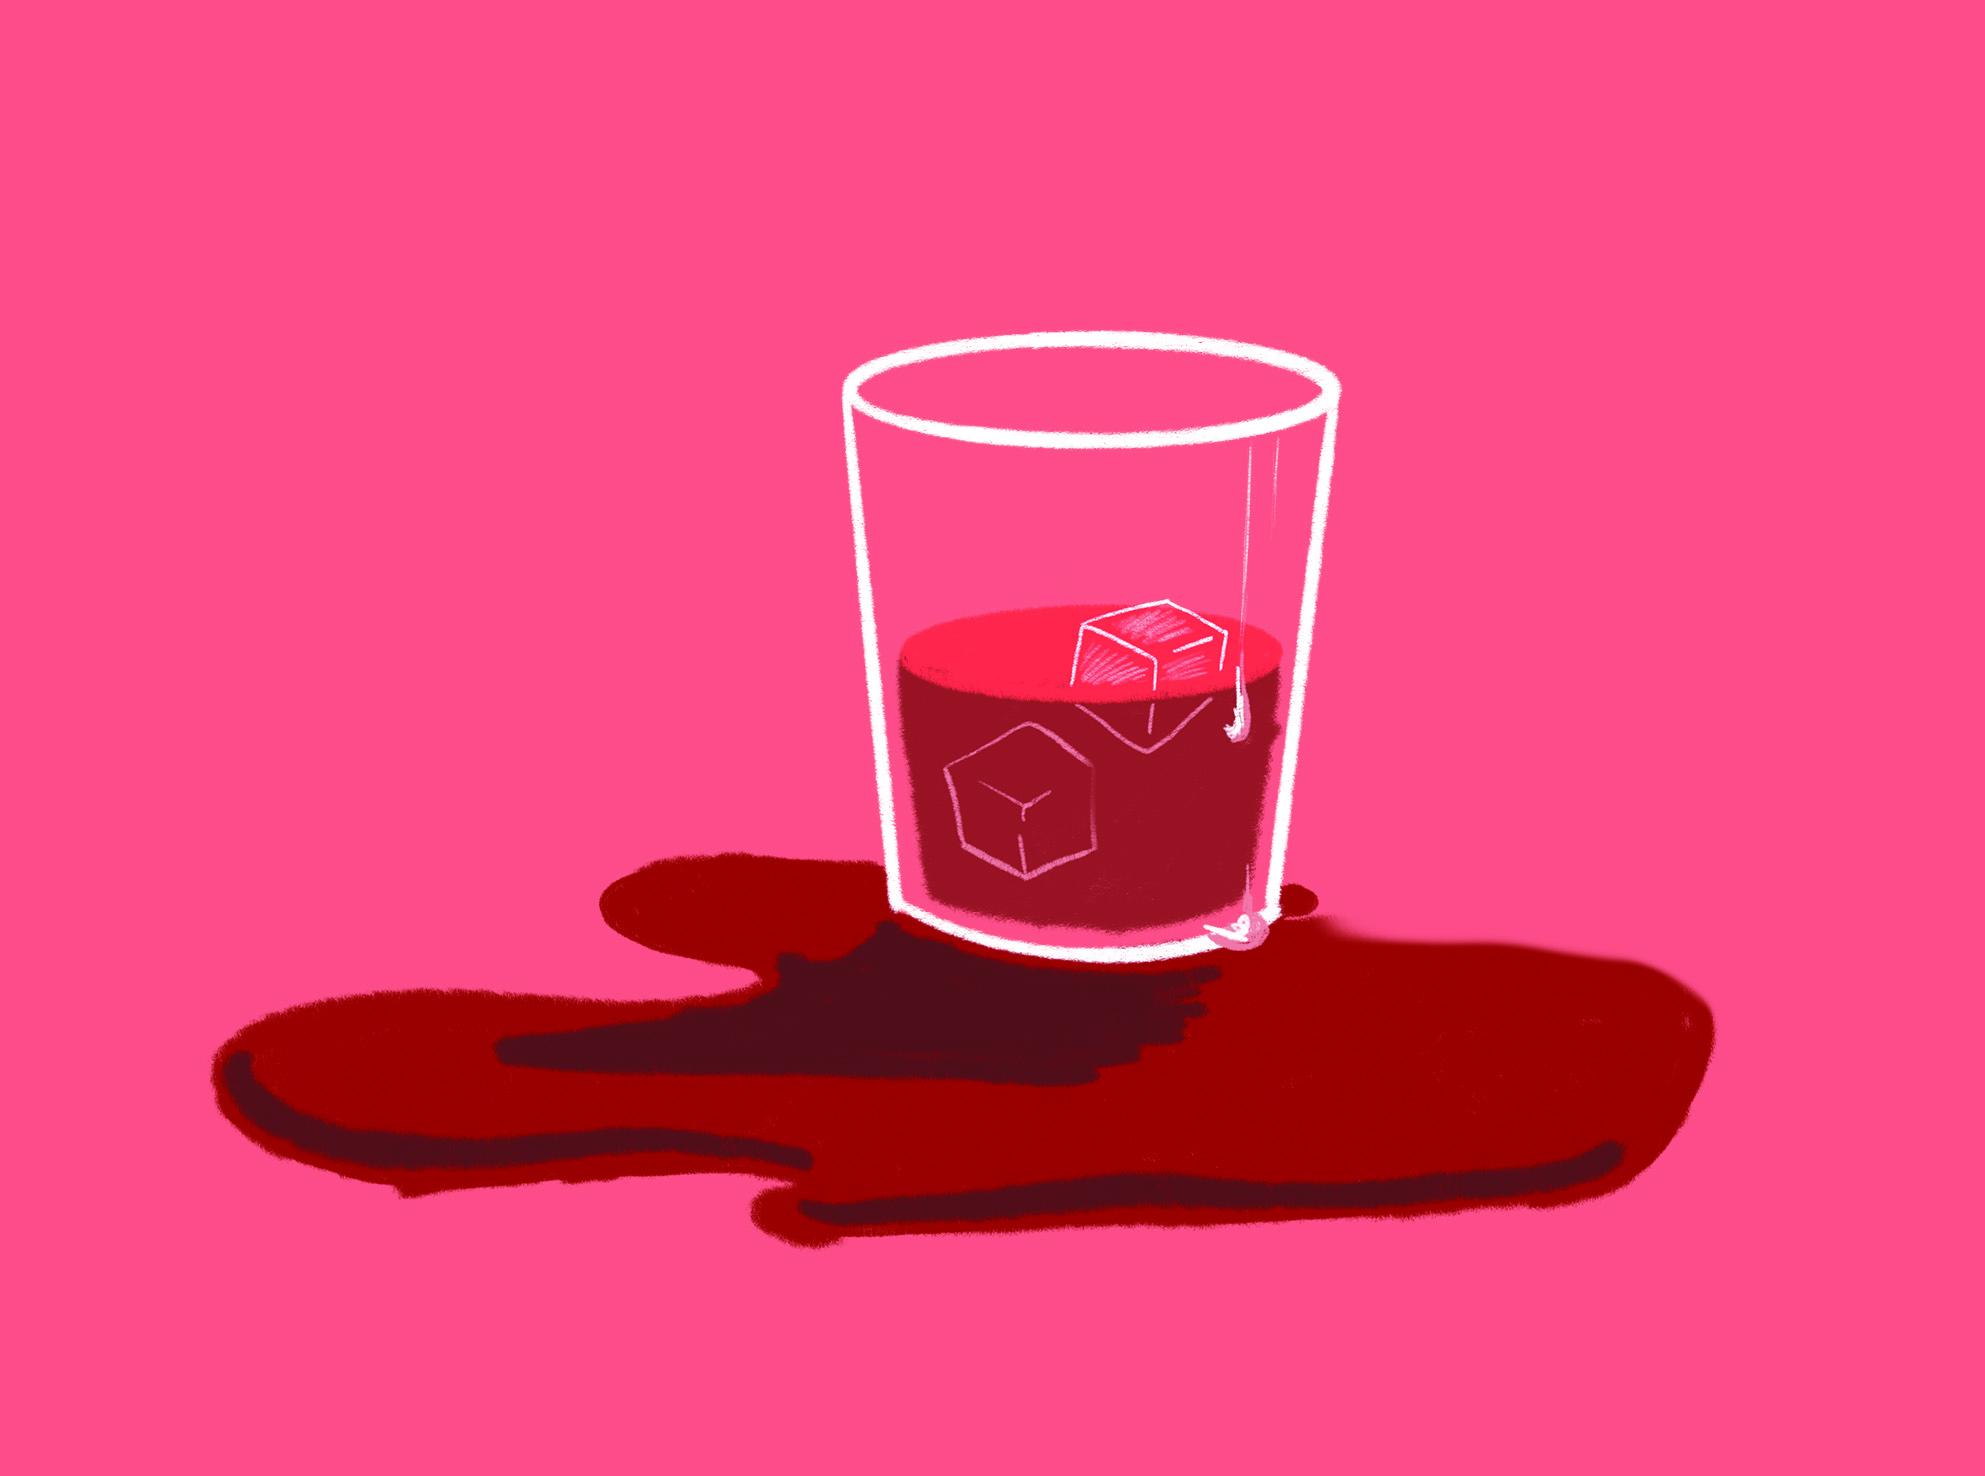 Spilt red liquid from a glass